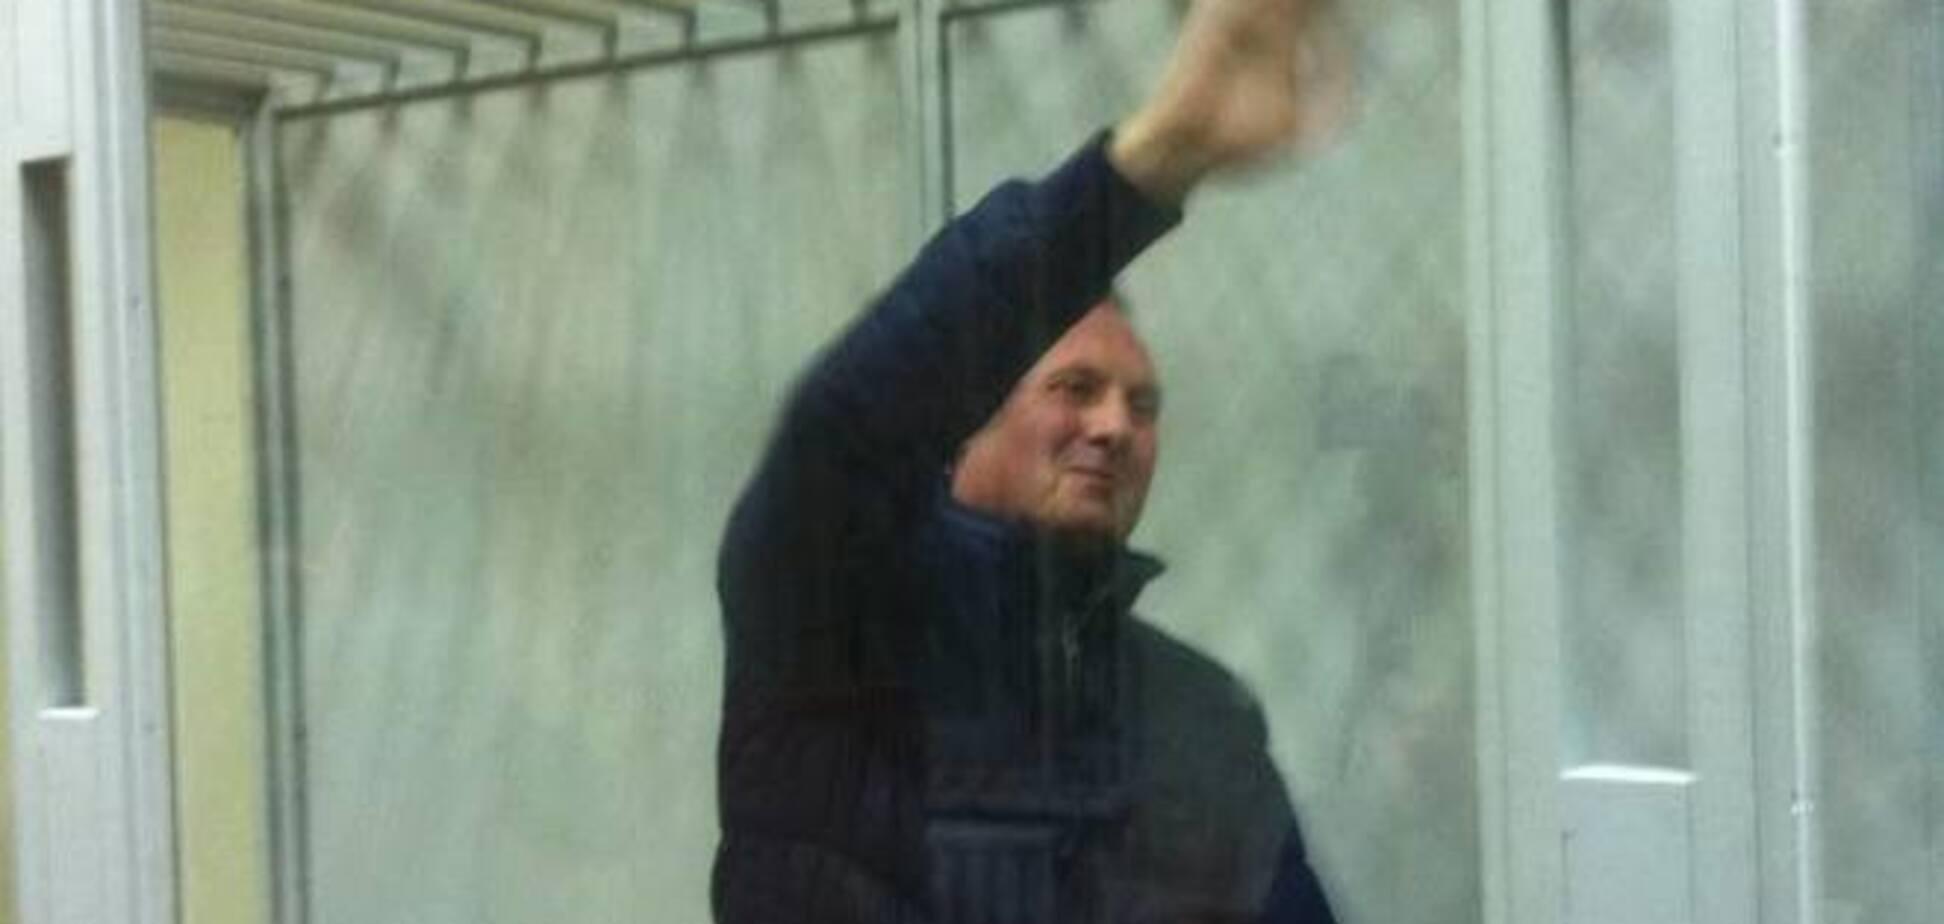 Ефремов заявил, что национальности 'украинец' не существует: фото и видео из зала суда